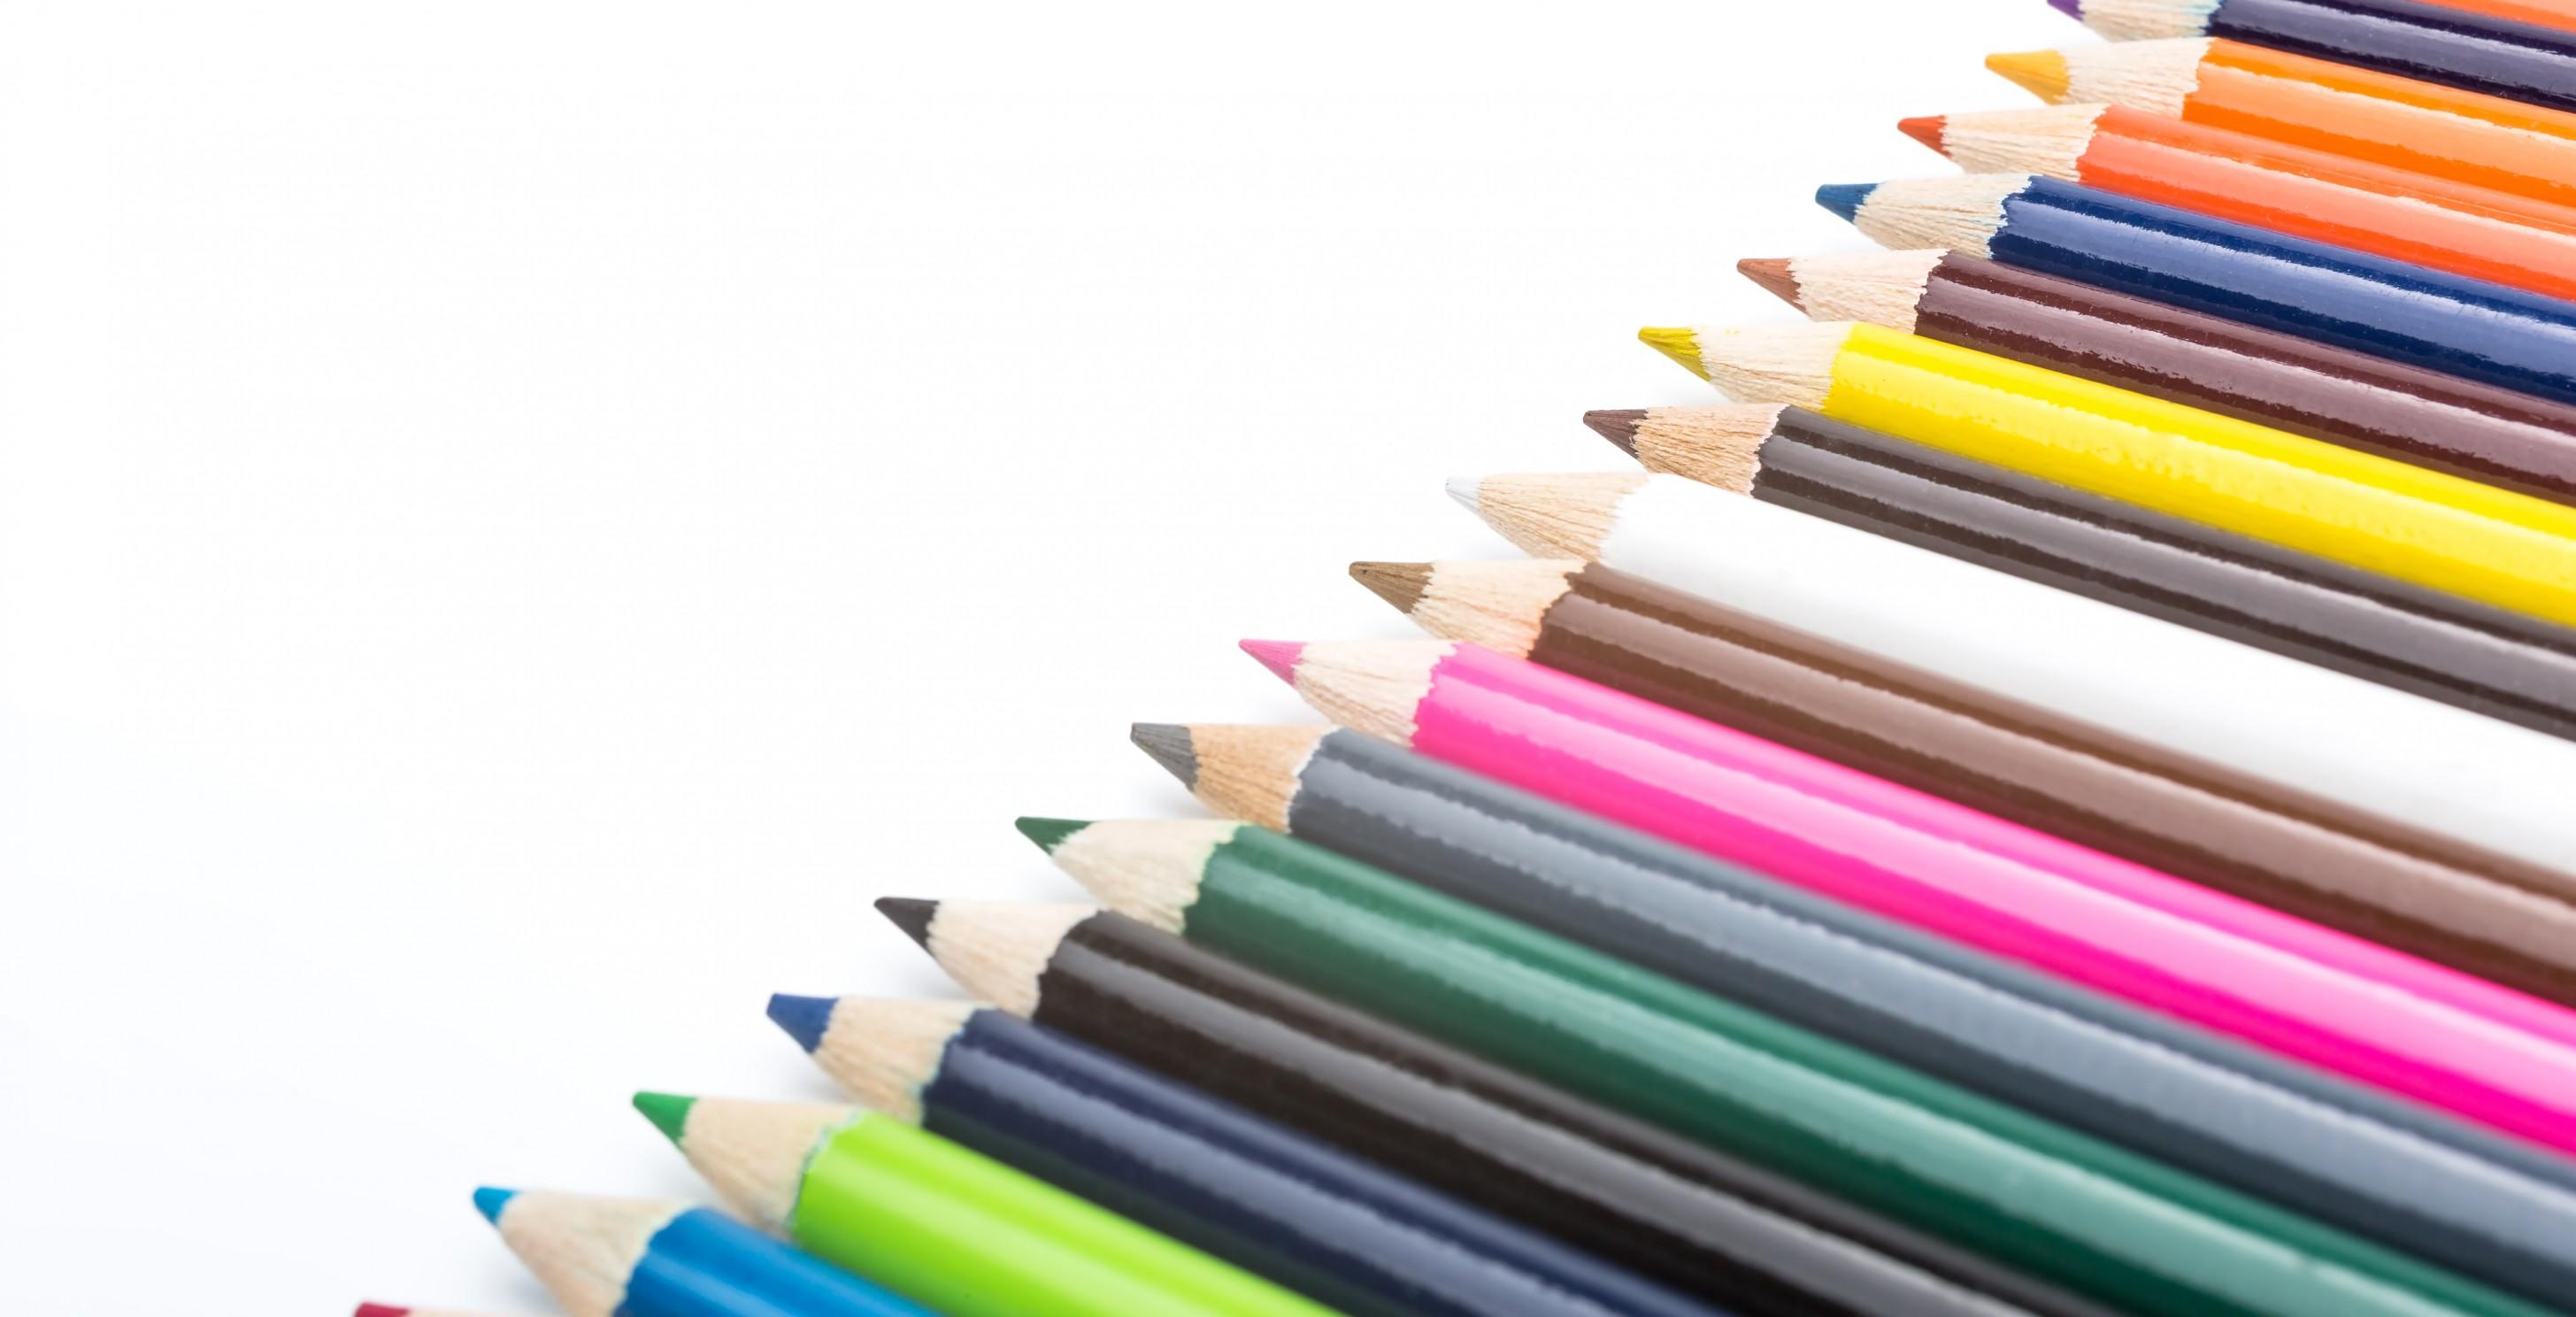 おもしろいブログを書くための方法論を学ぶ唯一の方法